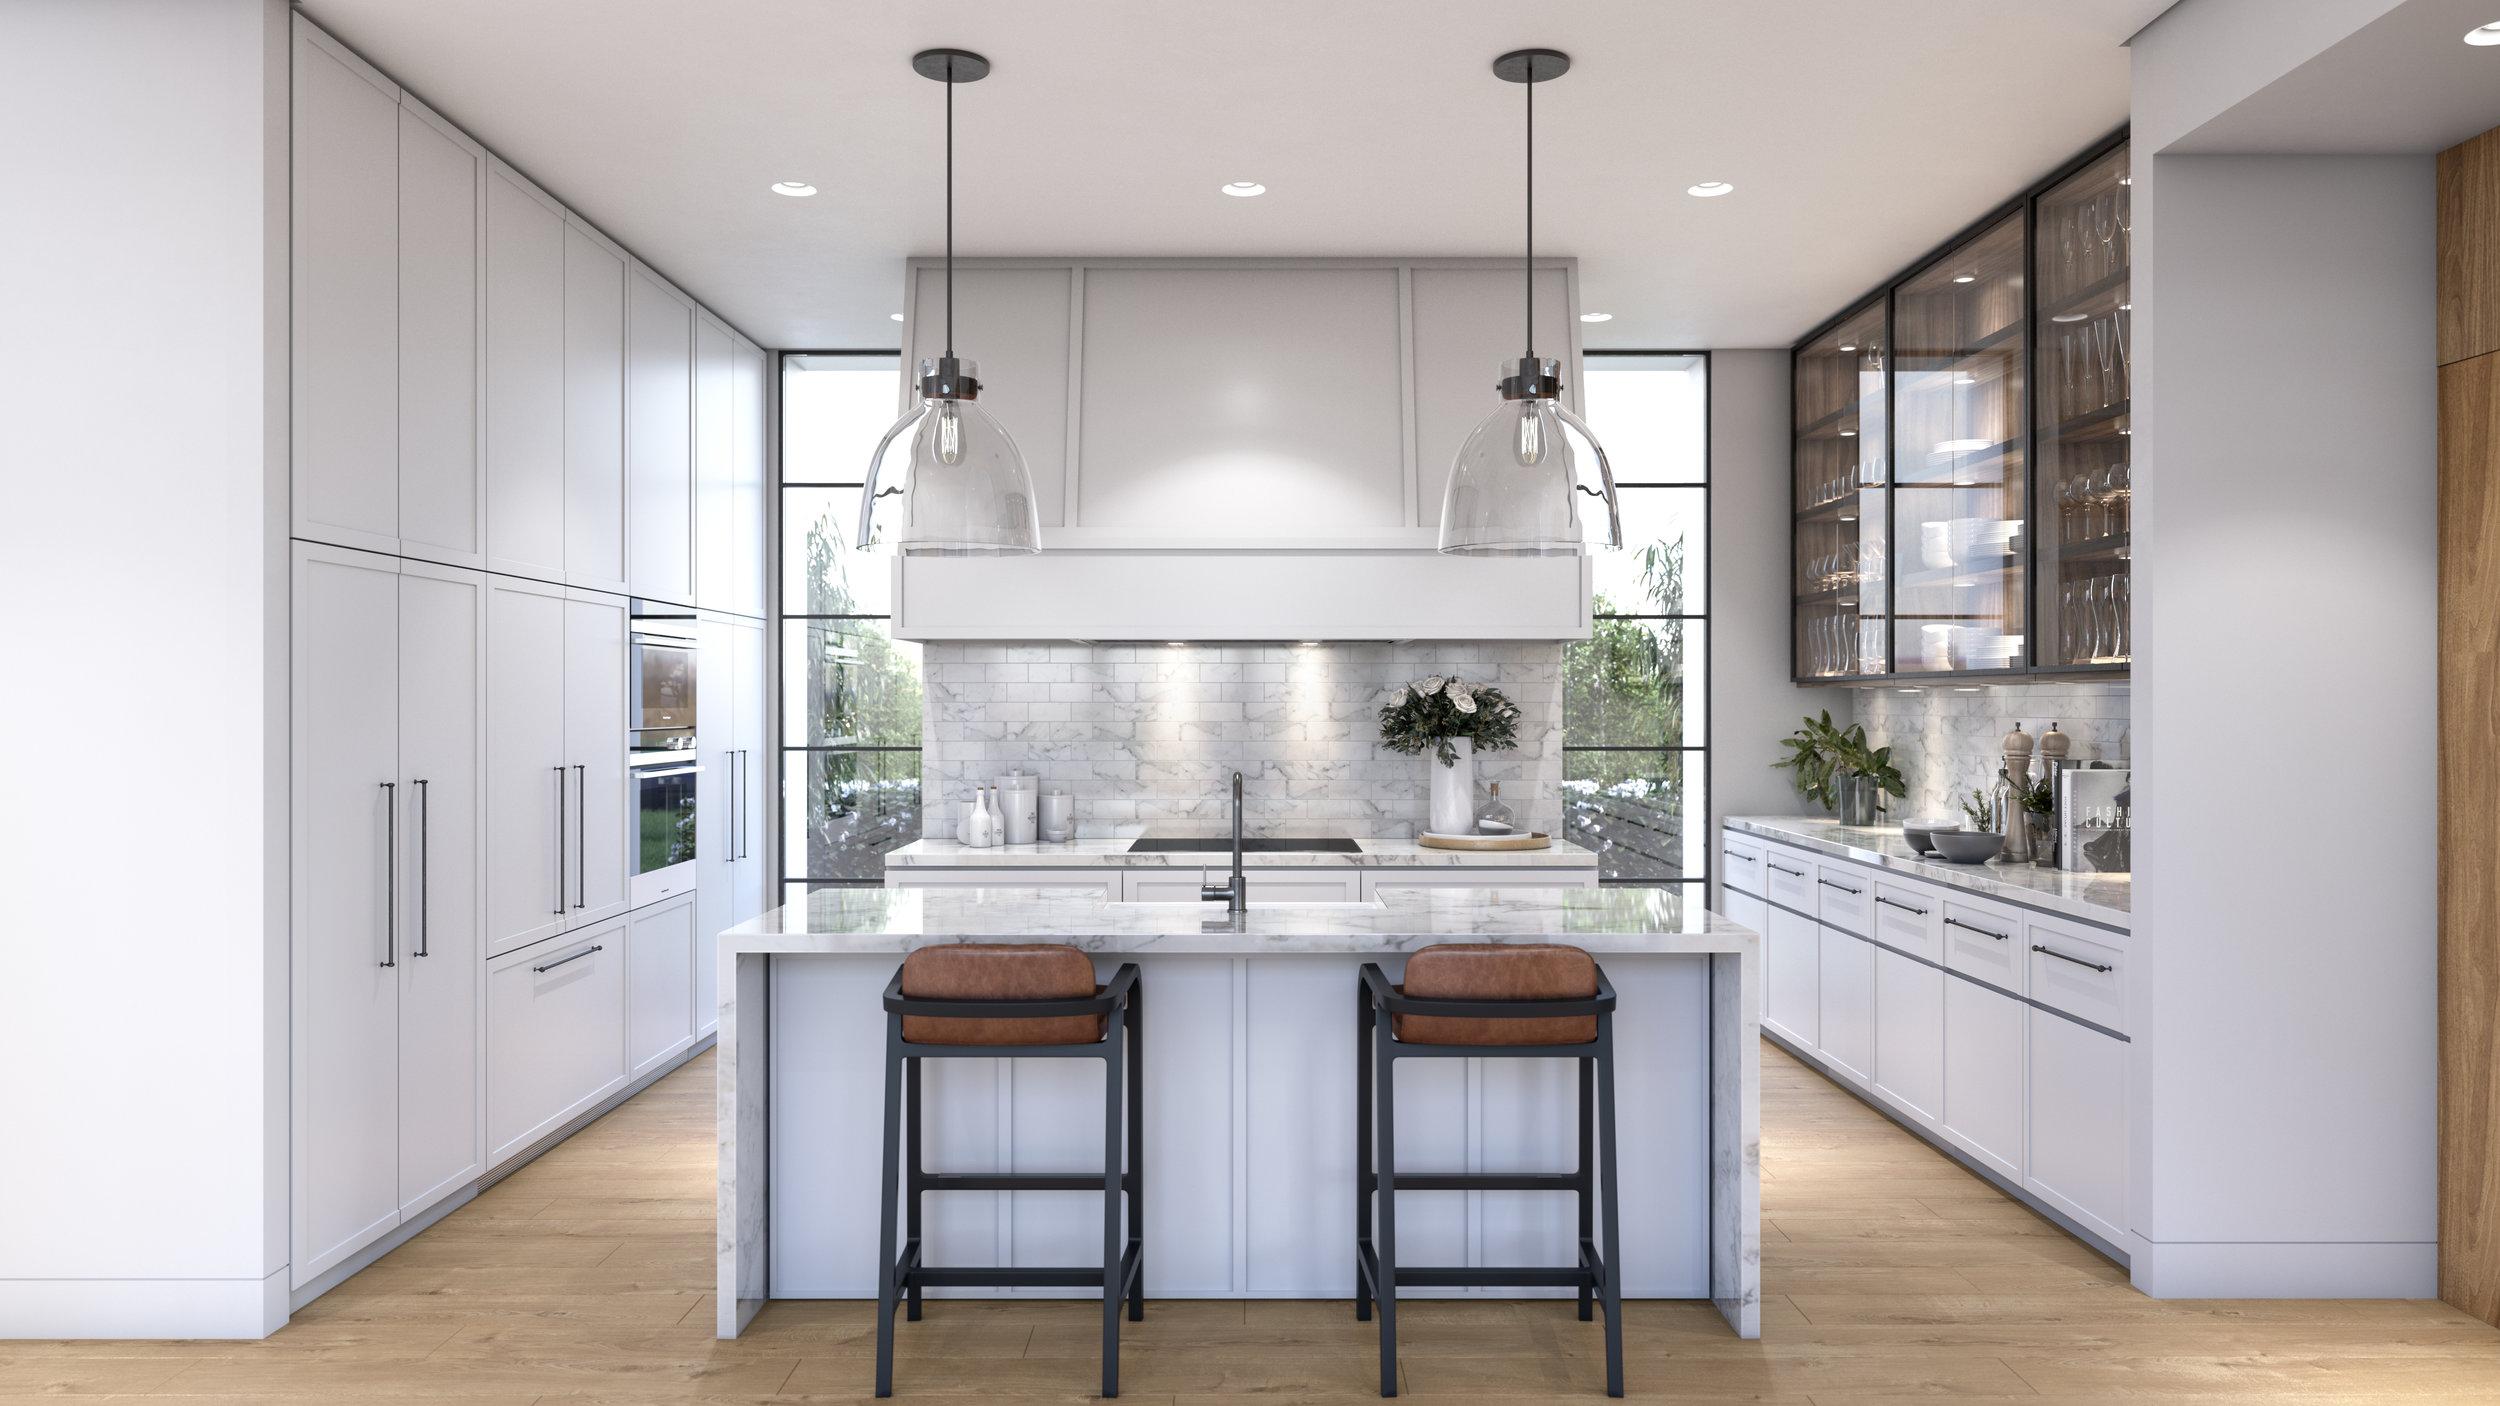 Waterbrook Bowral - Villa Kitchen - Rev C - HR.jpg